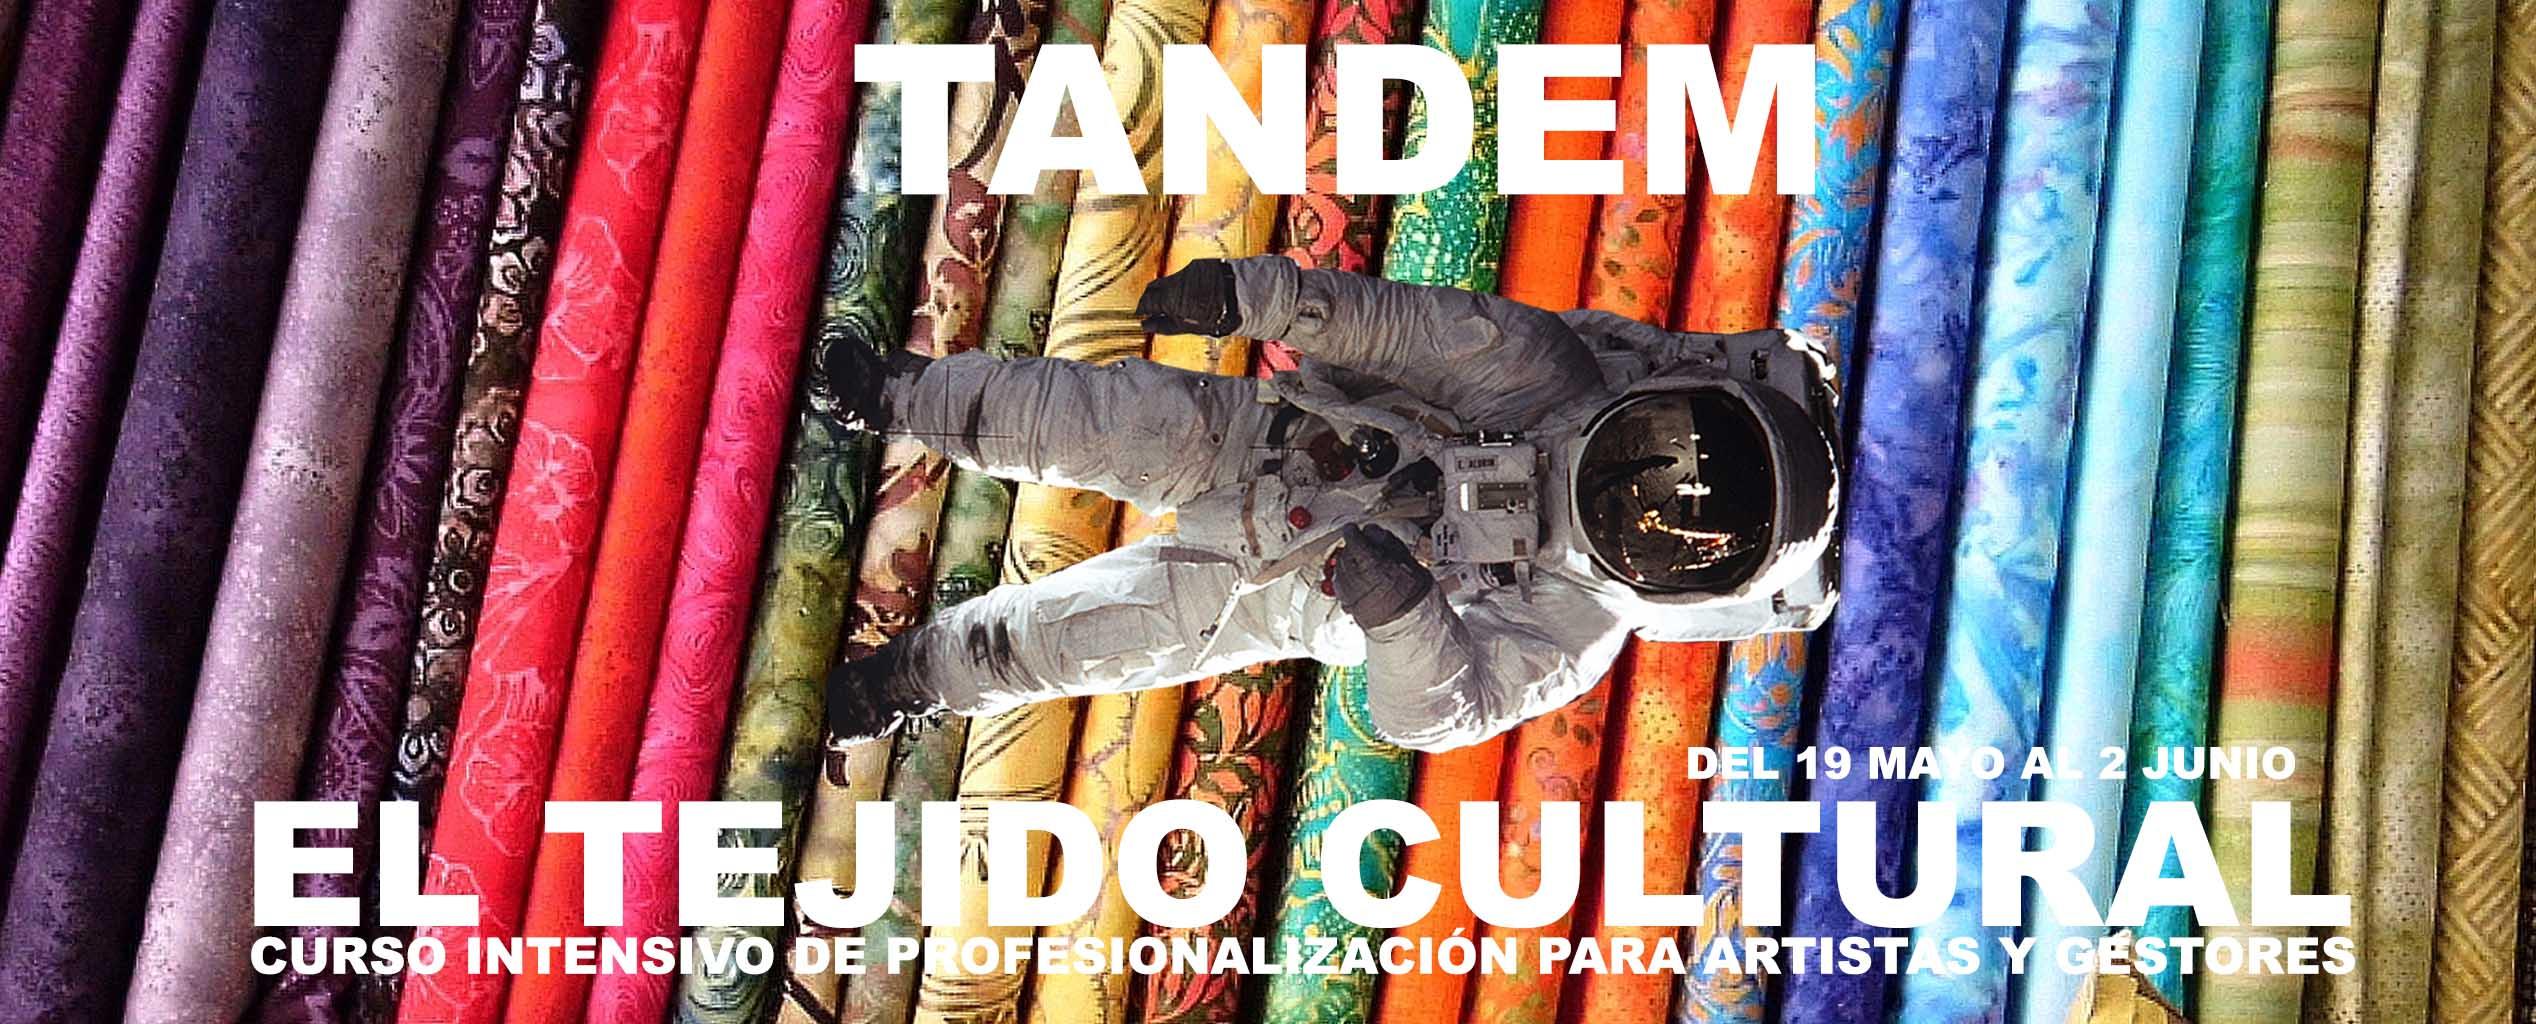 TANDEM-TEJIDO-CULTURAL-QUINTA-DEL-SORDO (3)